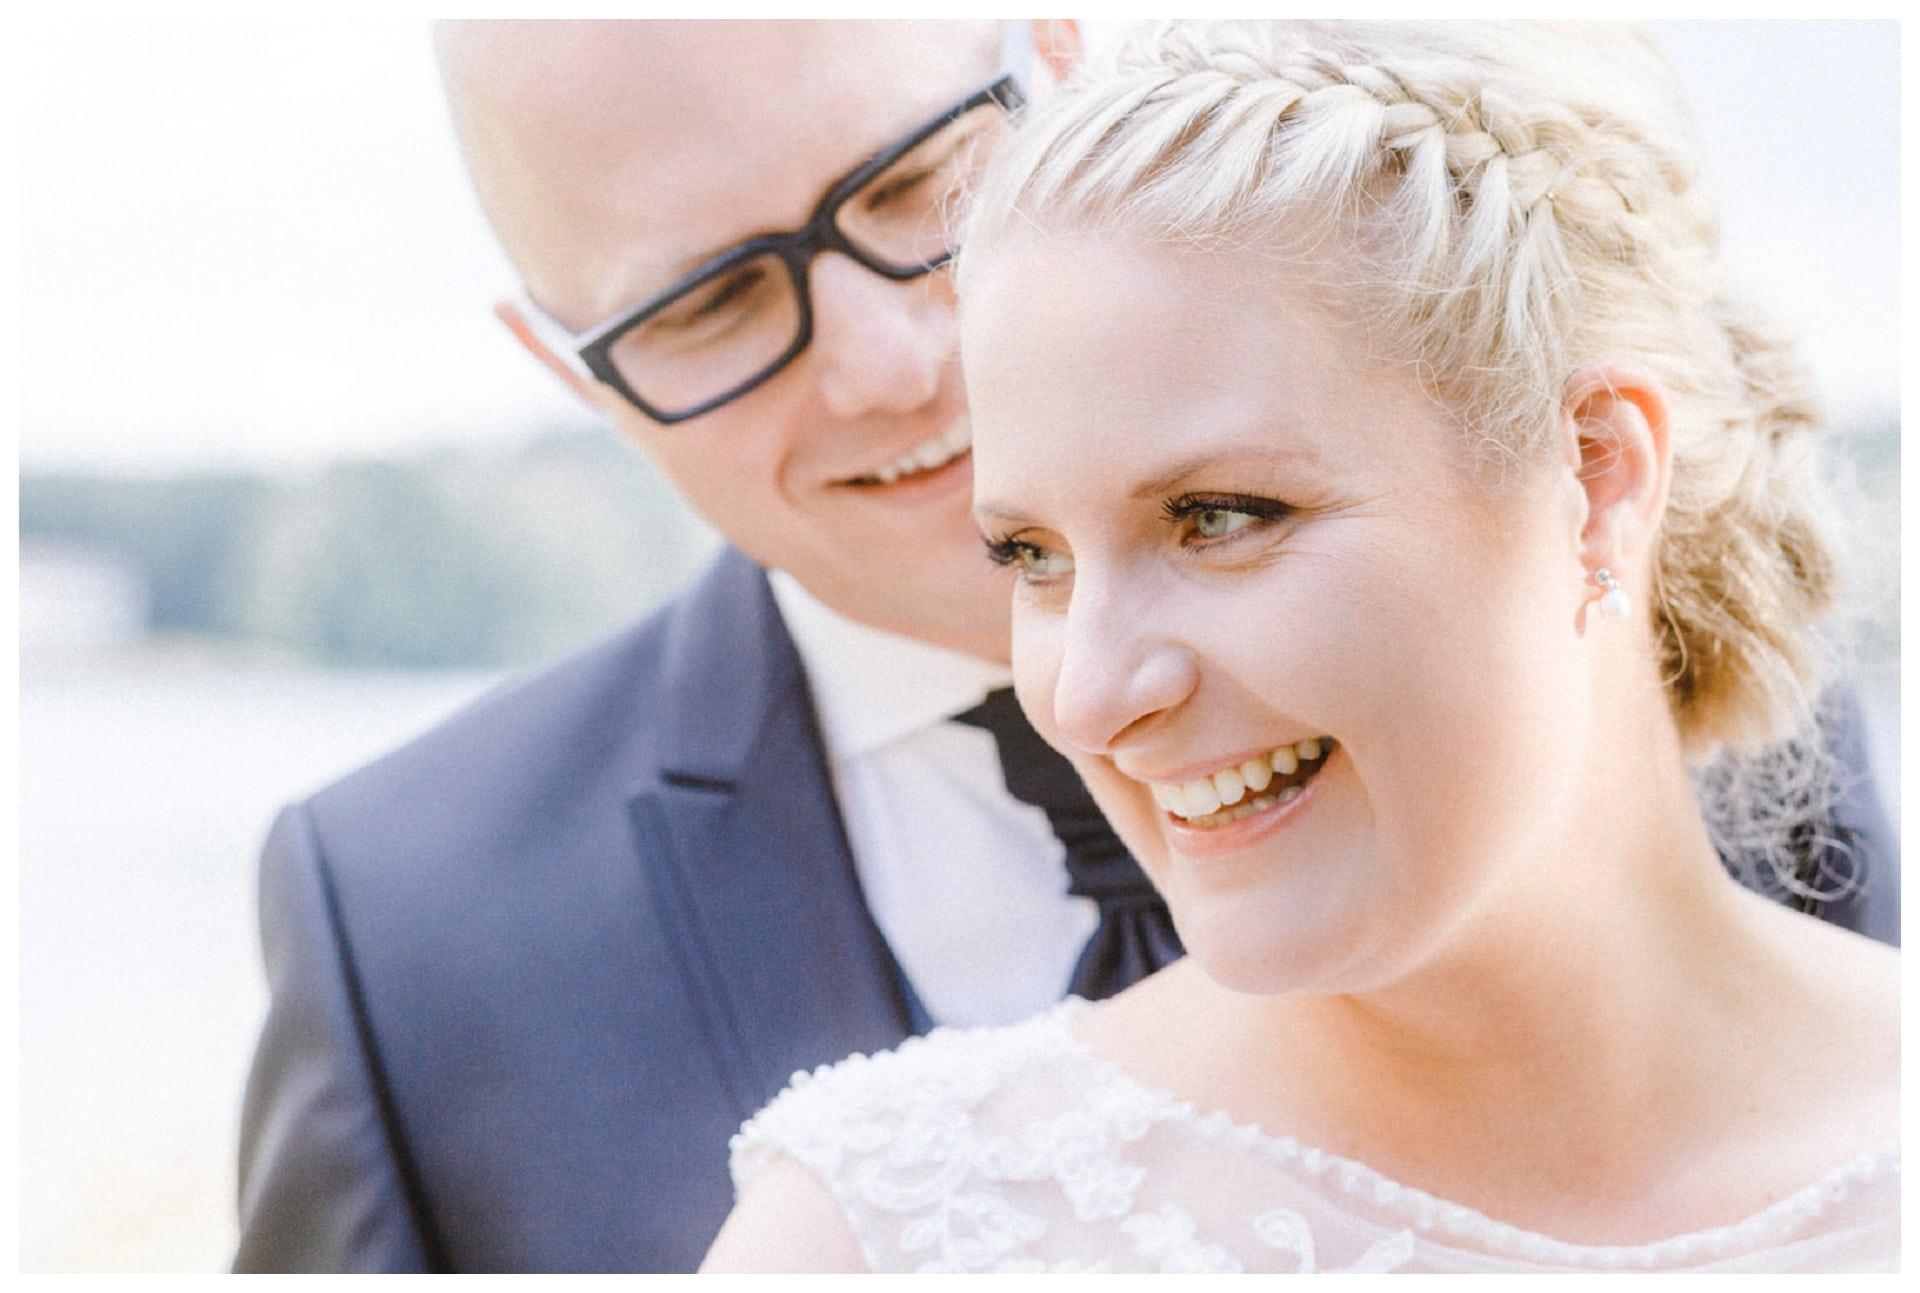 Hochzeitsfotograf Mölln, Hotel Waldhof auf Herrenland Mölln, emotionale Hochzeitsreportagen in Lübeck Mölln, Scharbeutz, Travemünde